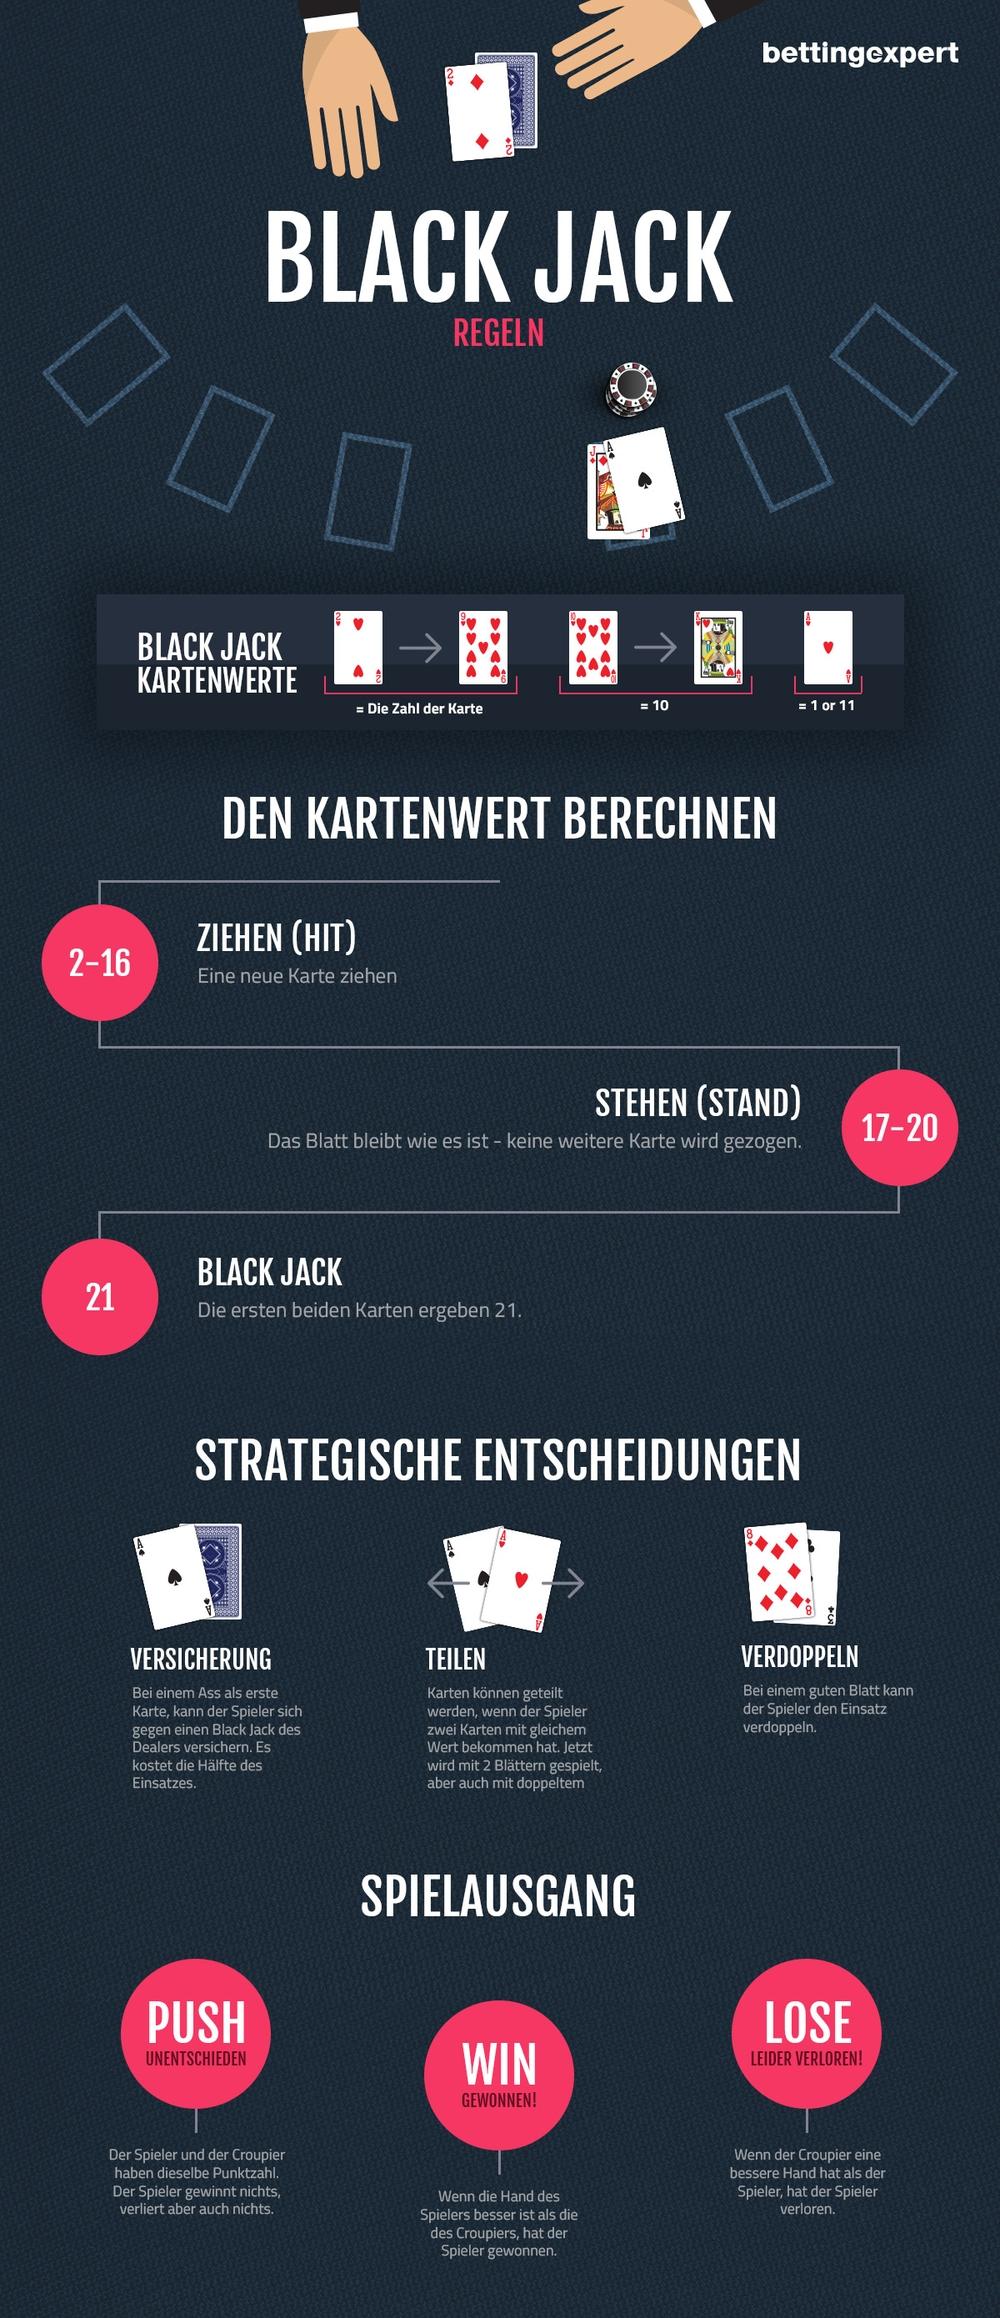 Blackjack Regeln ganz einfach und übersichtlich erklärt